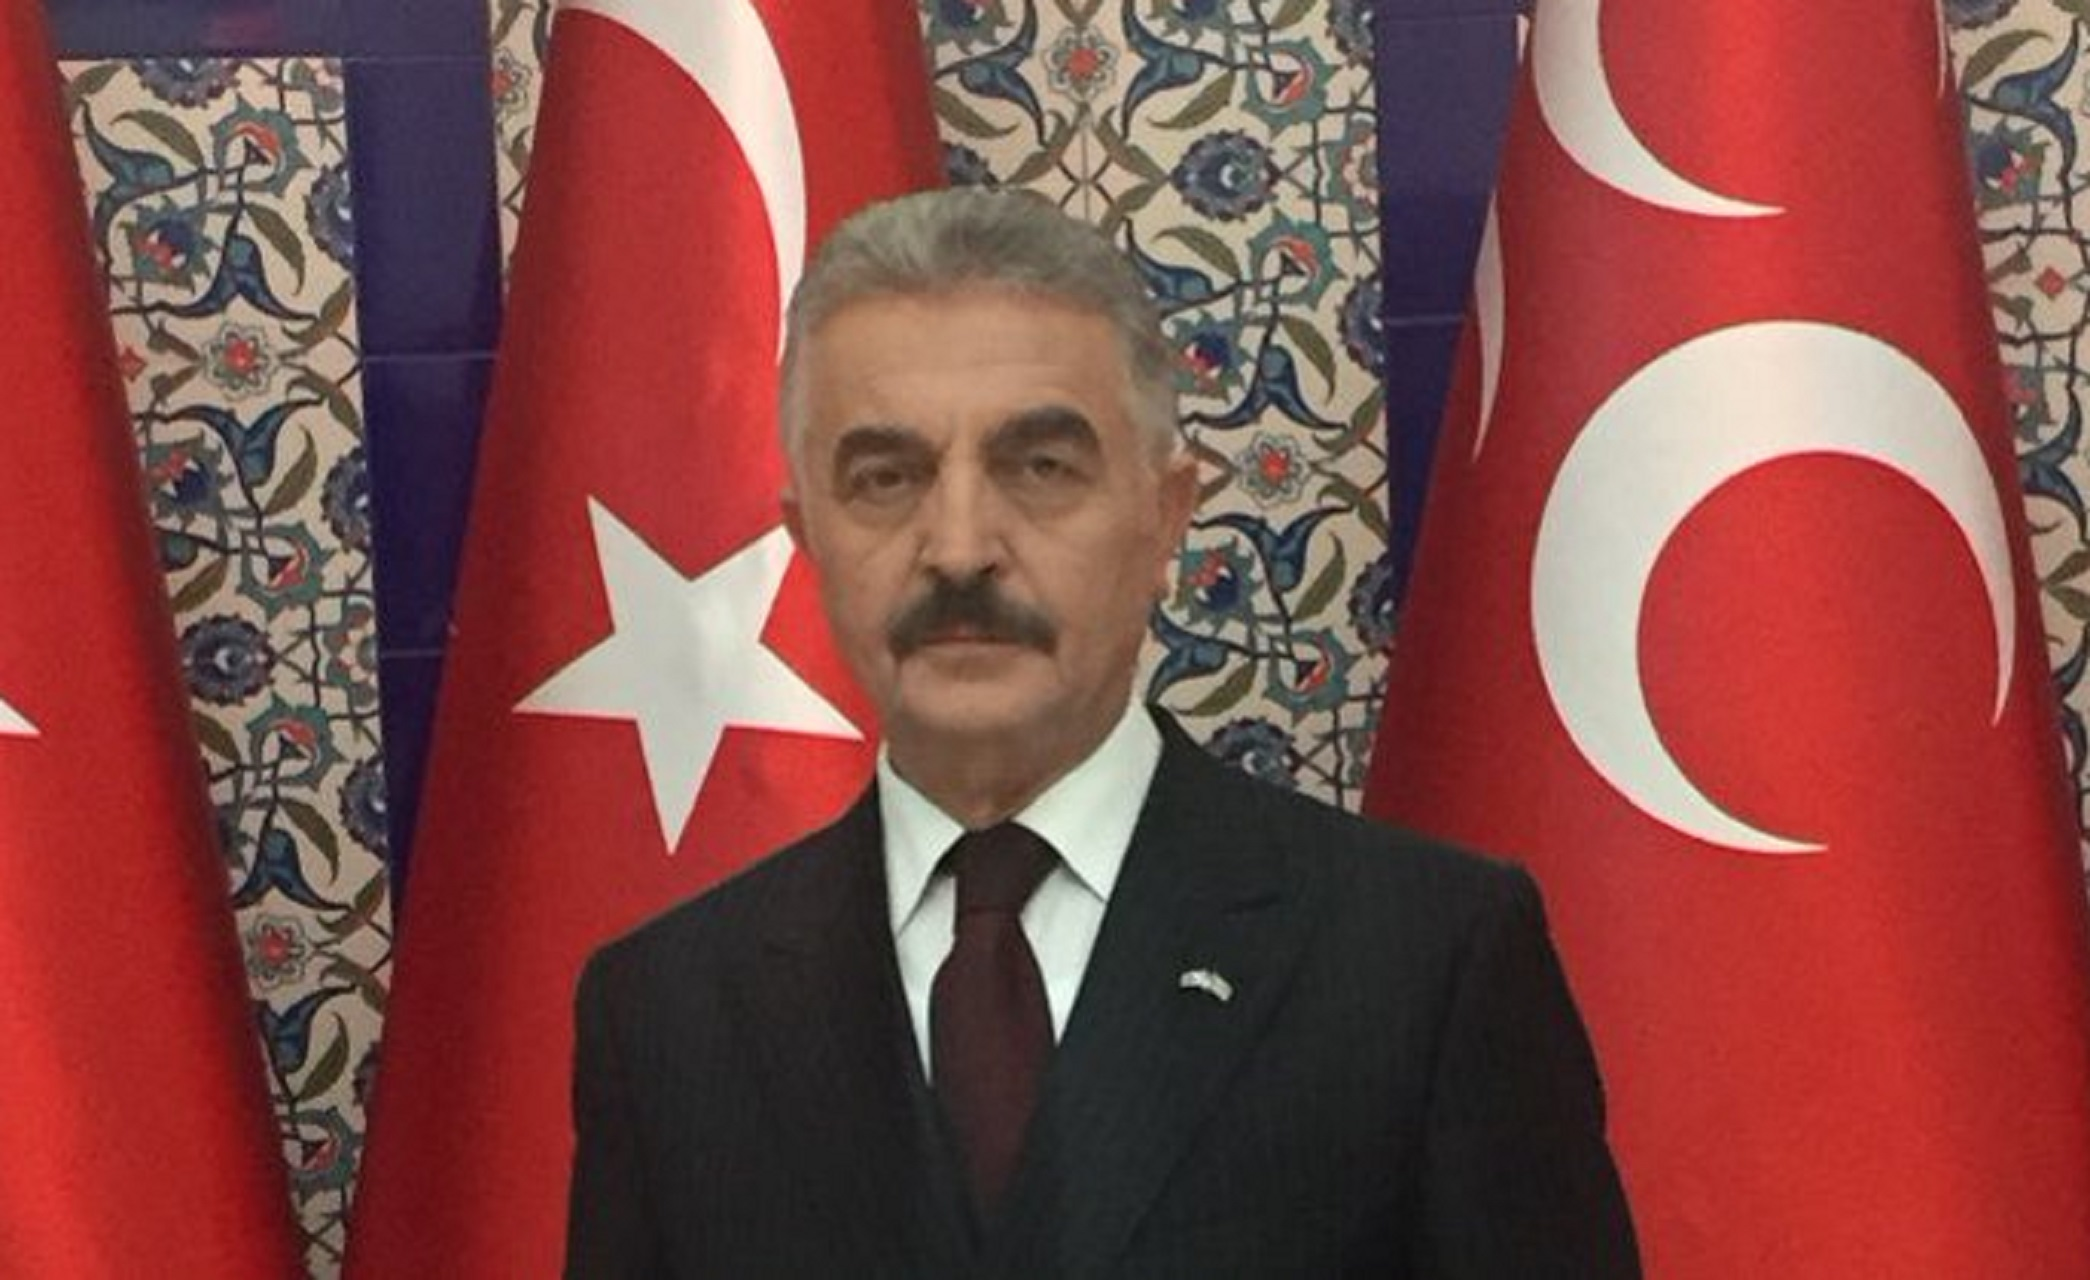 """Τούρκος εθνικιστής πολιτικός απειλεί με νέα μικρασιατική καταστροφή – """"Θα χρειαστεί να κολυμπήσετε μέχρι τη Σικελία"""""""